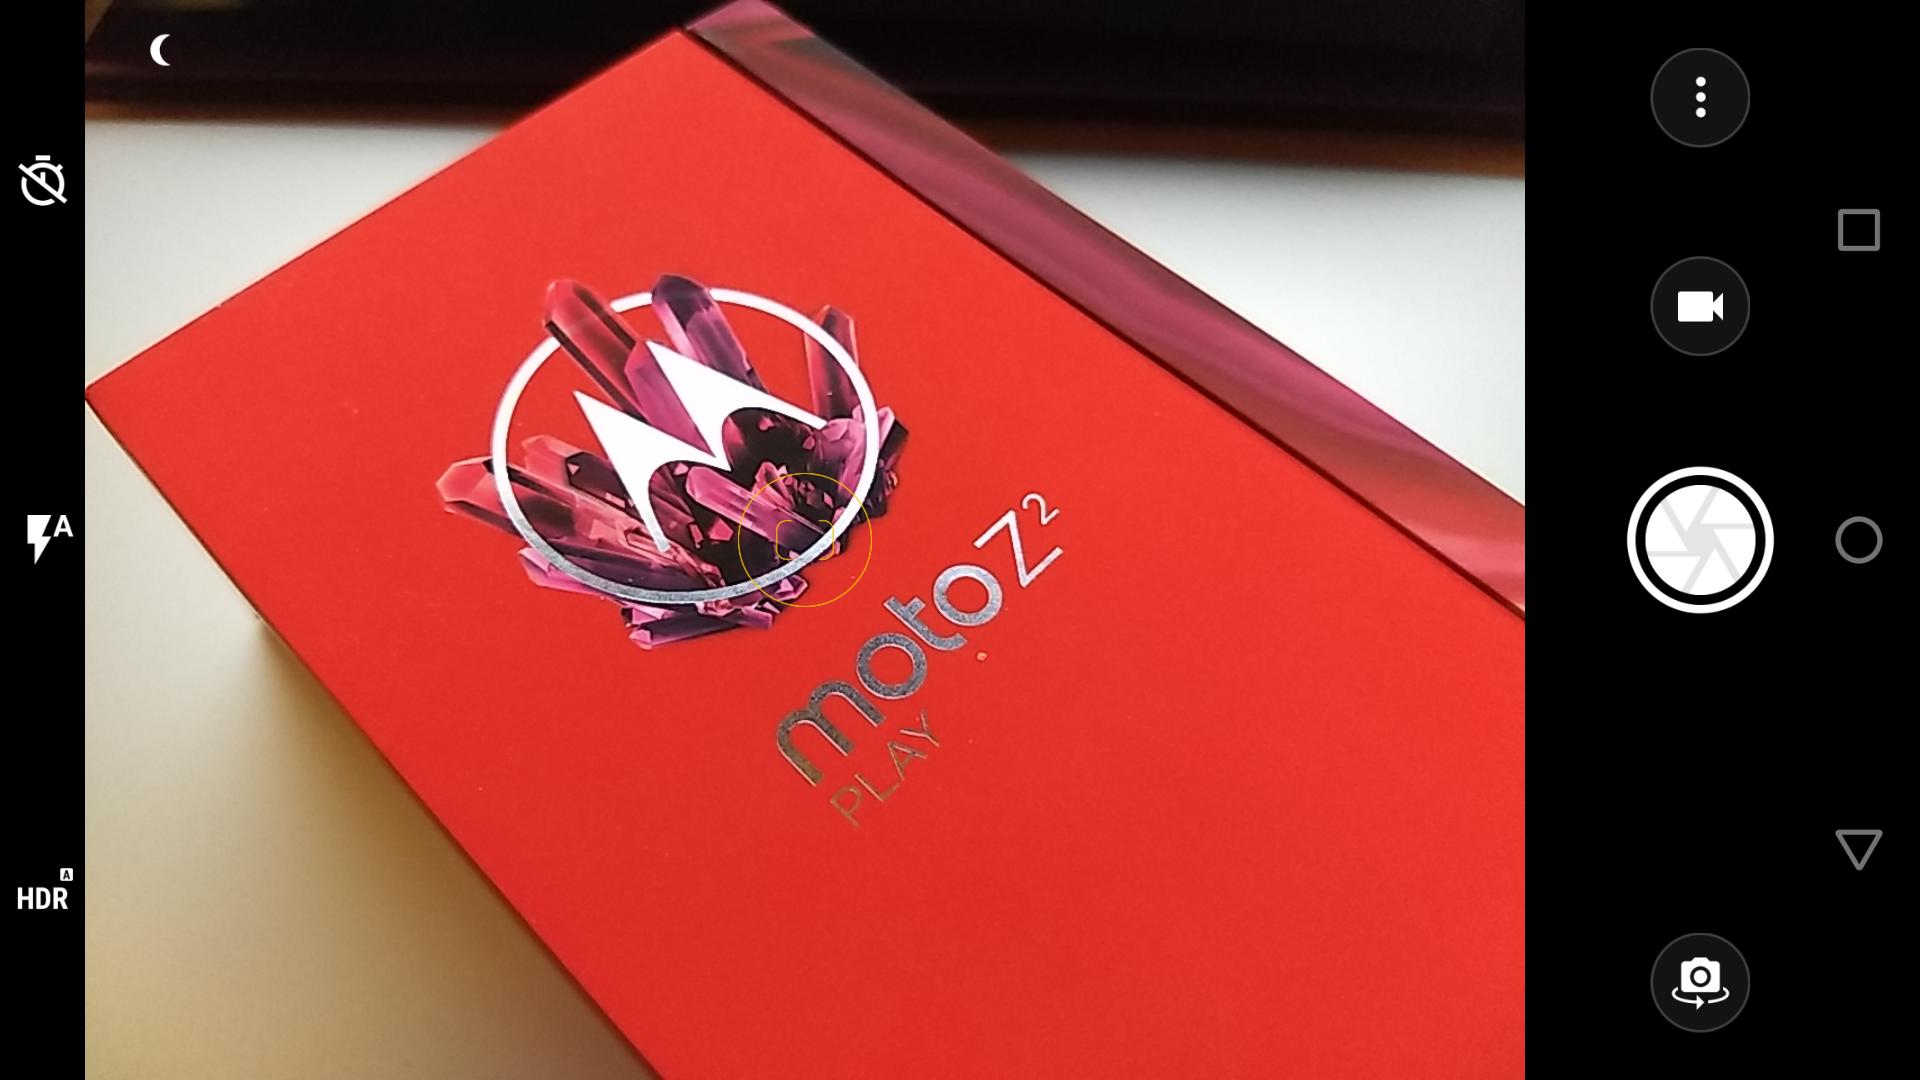 """Controlla il Motorola Moto Z2 Play 10 """"larghezza ="""" 1920 """"altezza ="""" 1080"""